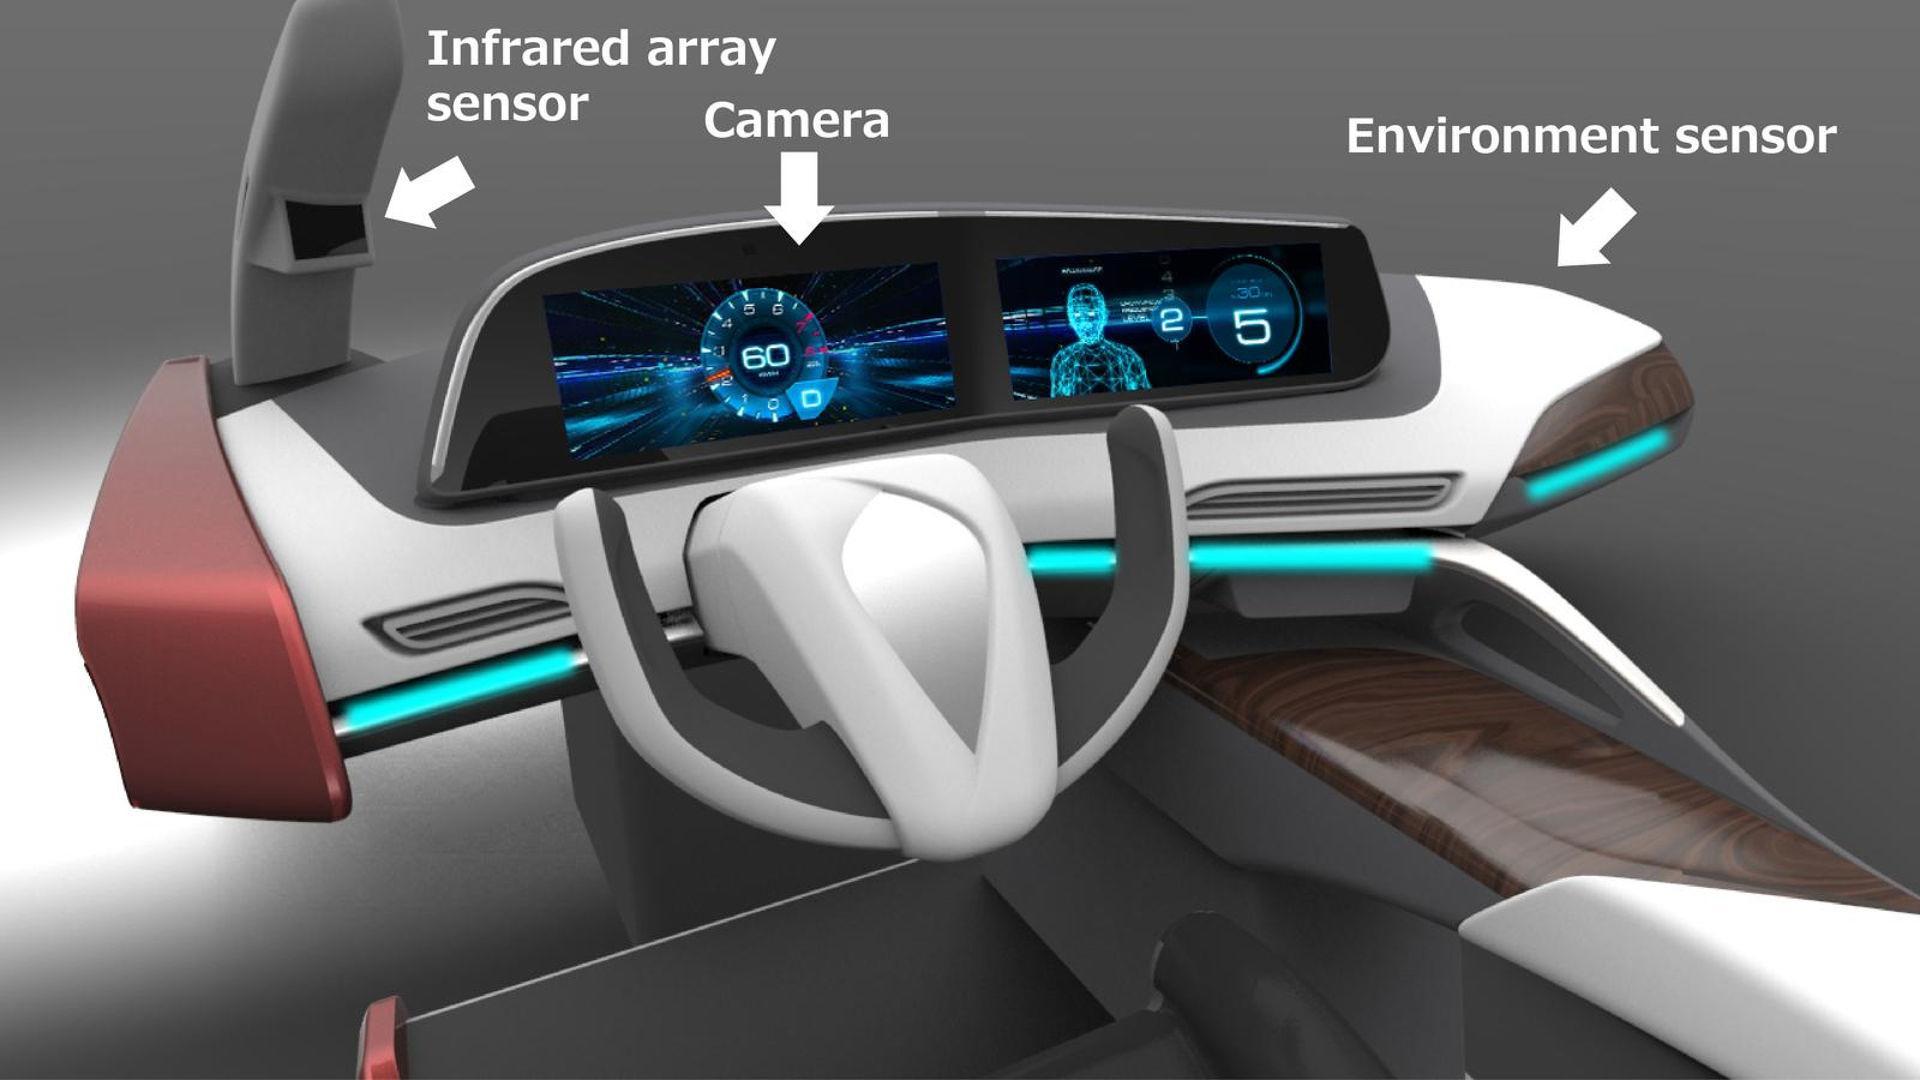 تطوير تقنية جديدة لمنع السائقين من النوم عند القيادة من باناسونيك